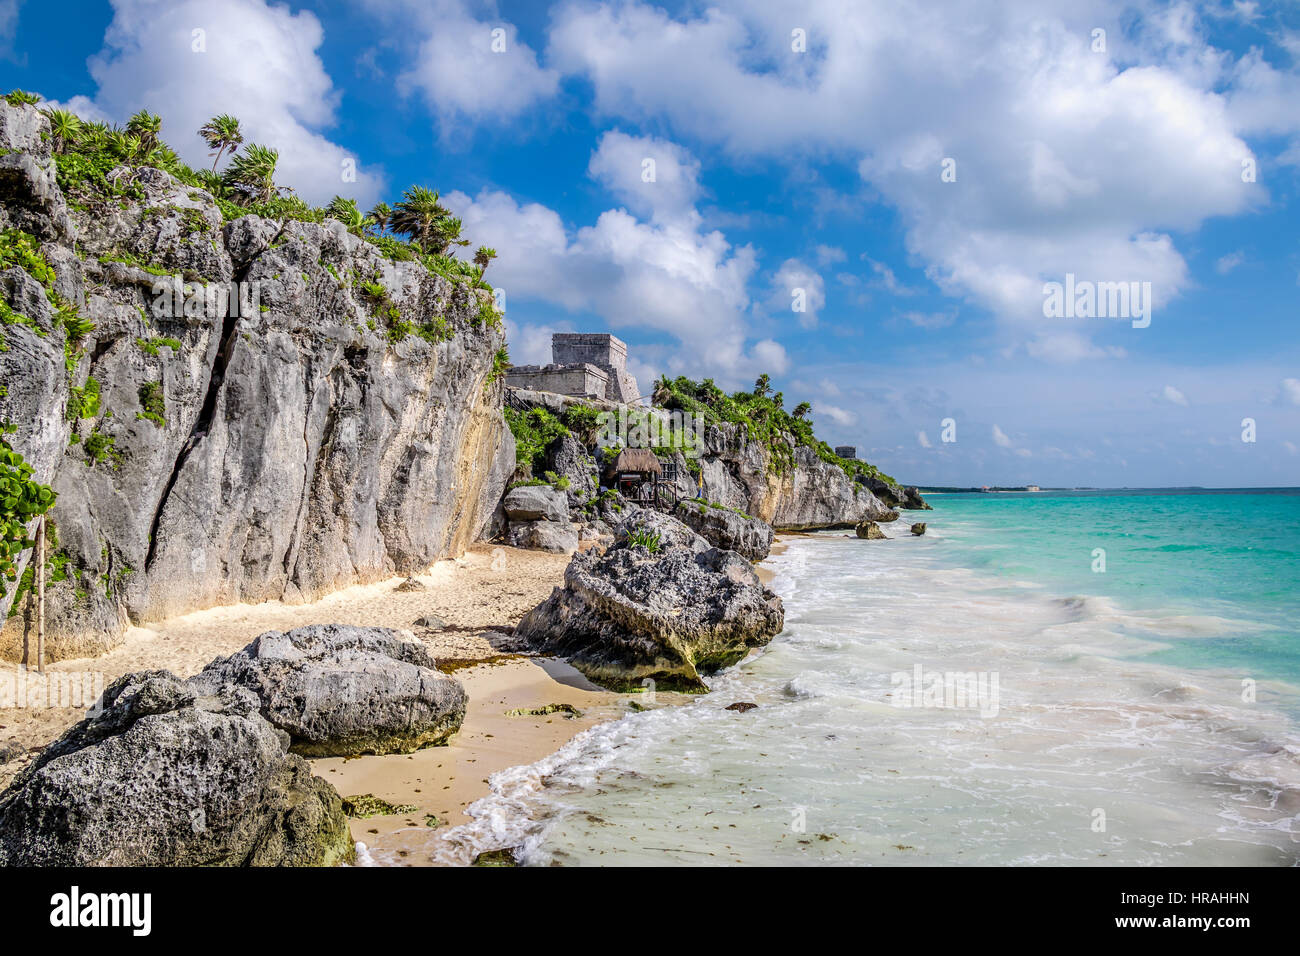 El Castillo e spiaggia caraibica - rovine Maya di Tulum in Messico Immagini Stock